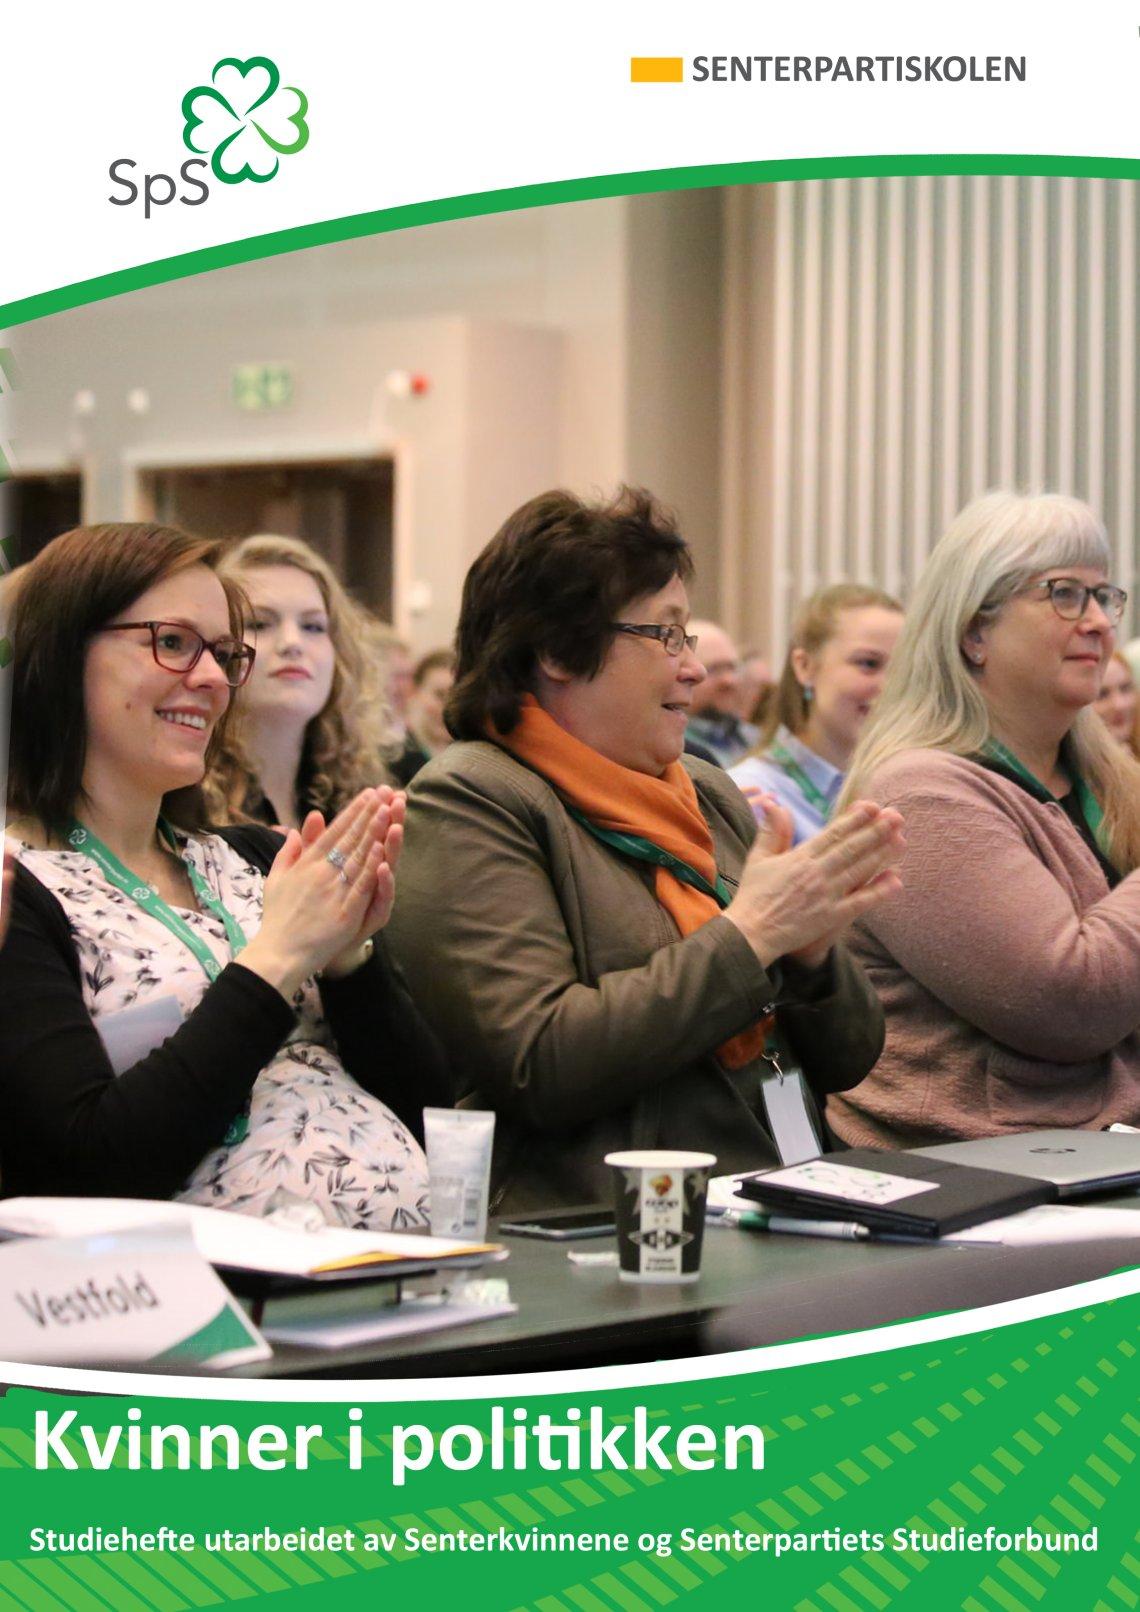 Studieheftet Kvinner i politikken